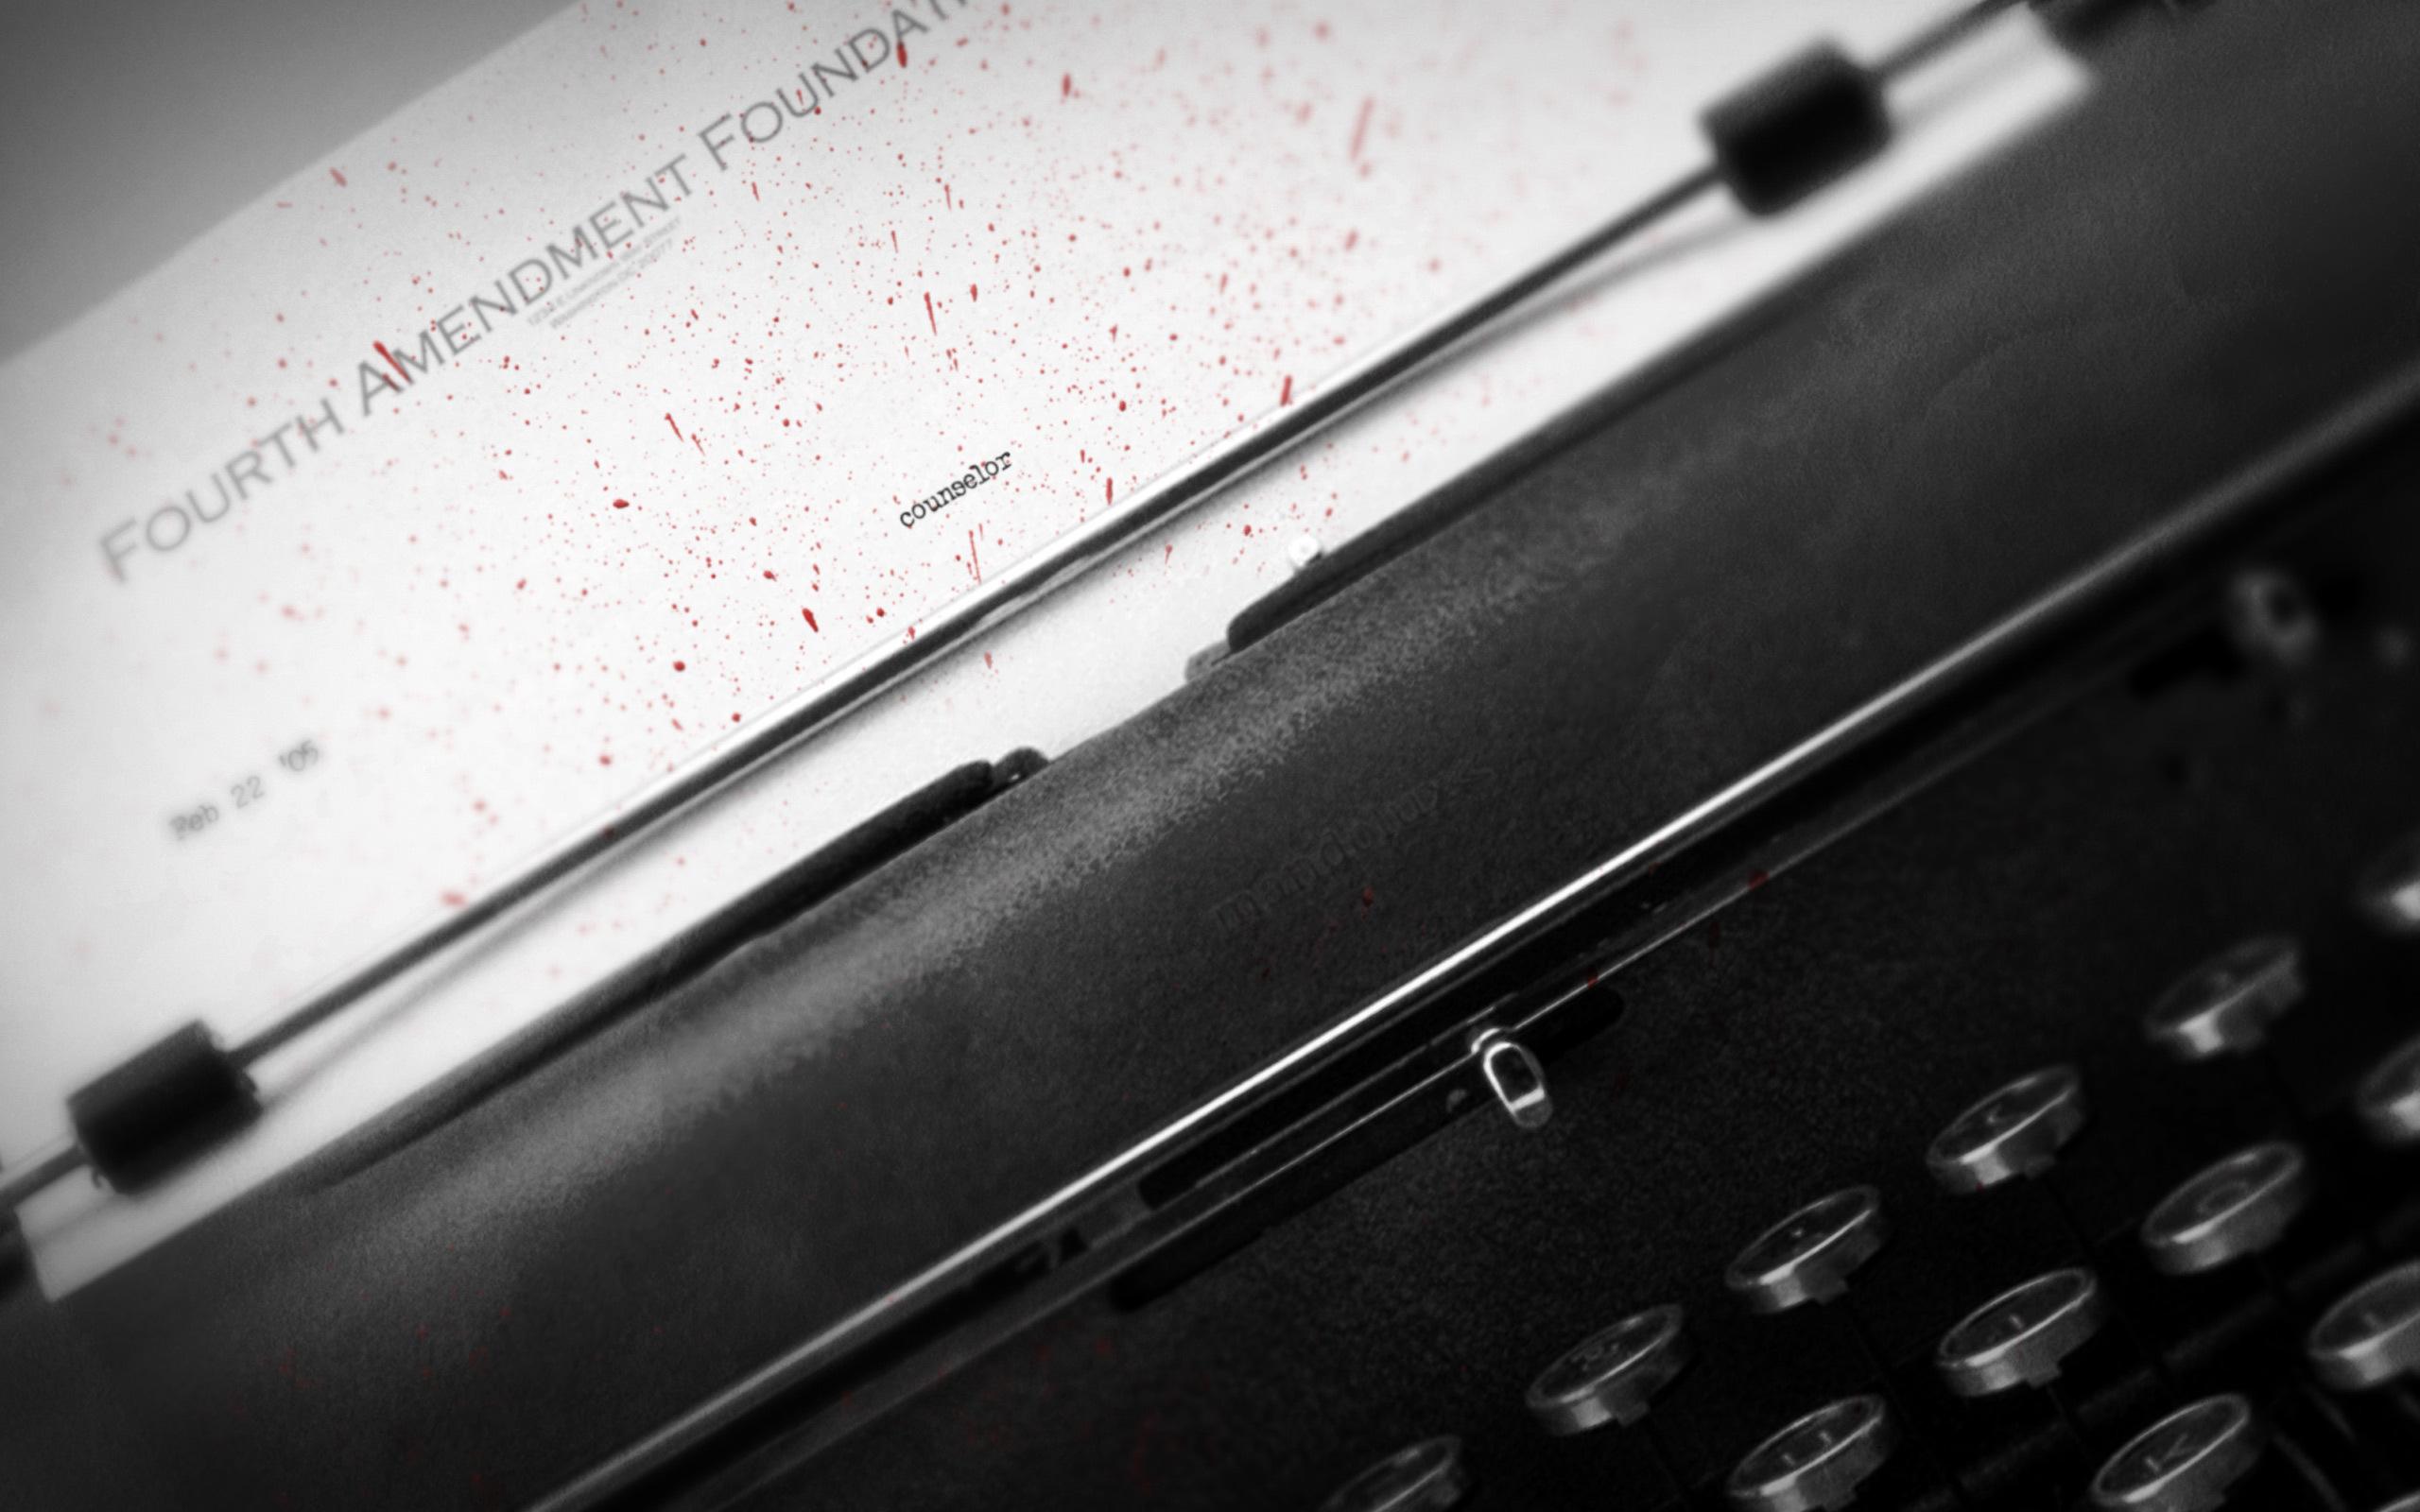 Man Made Typewriter 2560x1600